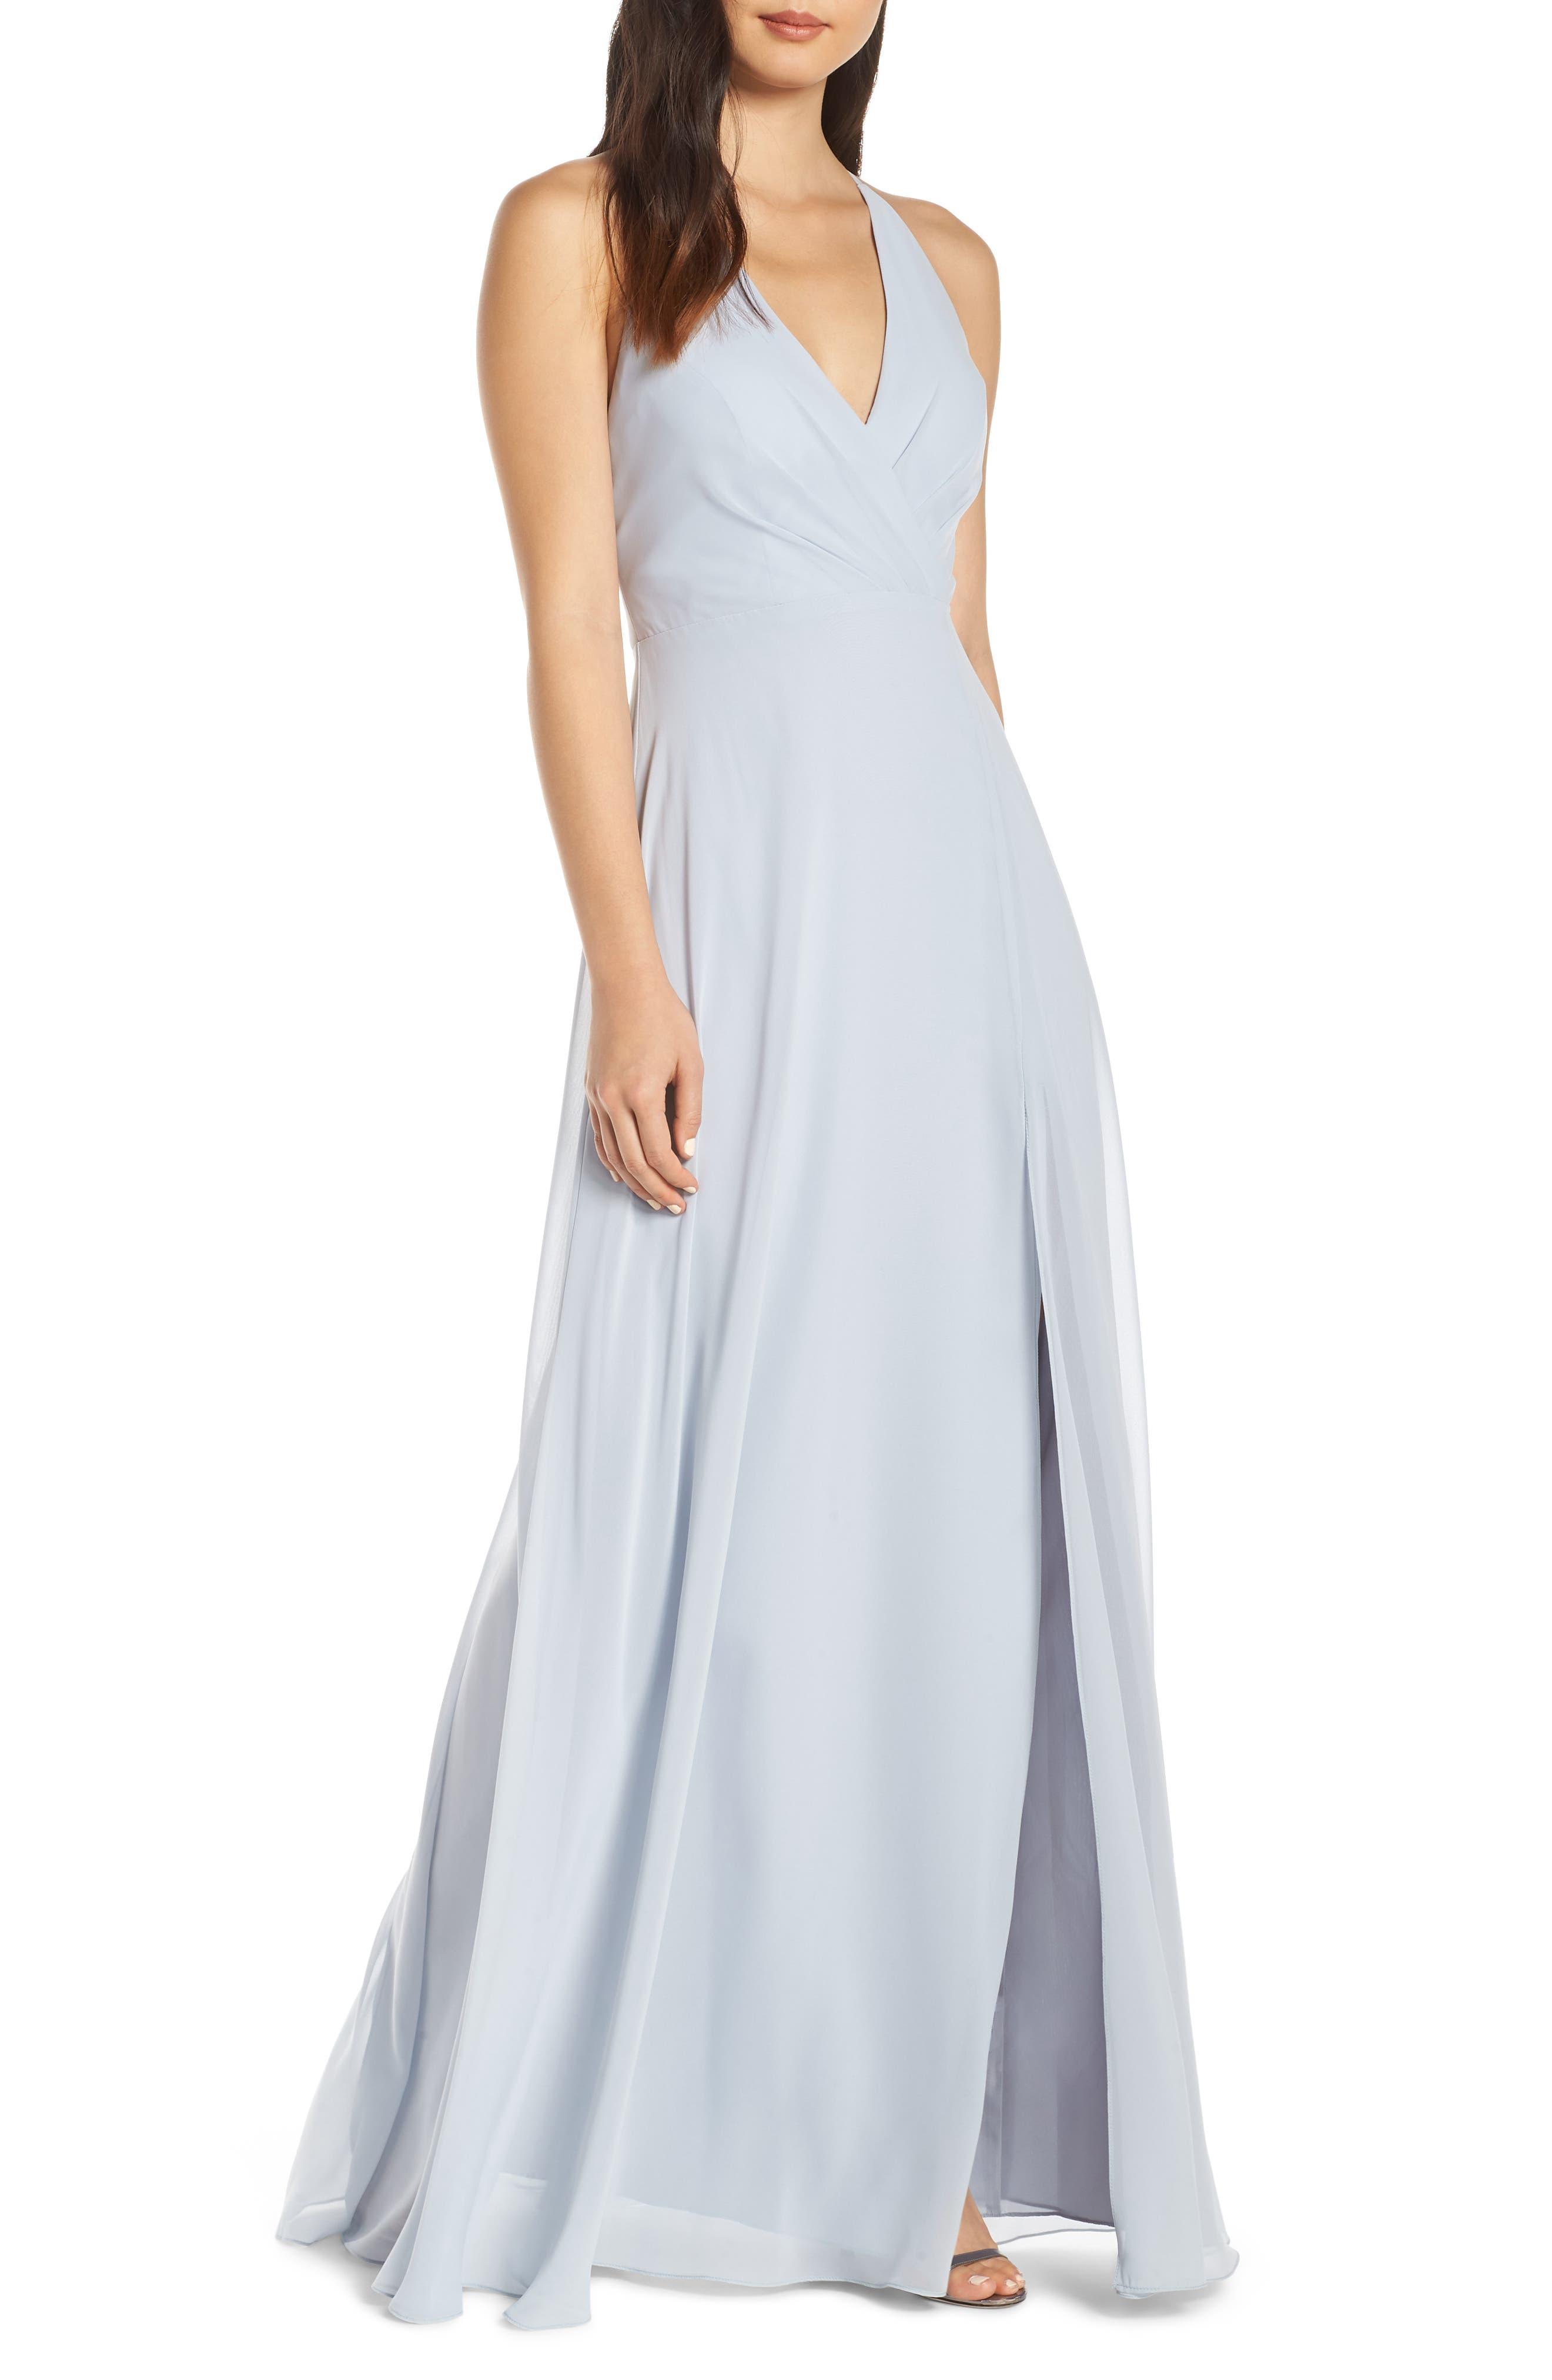 Jenny Yoo Bryce Surplice V-Neck Chiffon Evening Dress, Blue